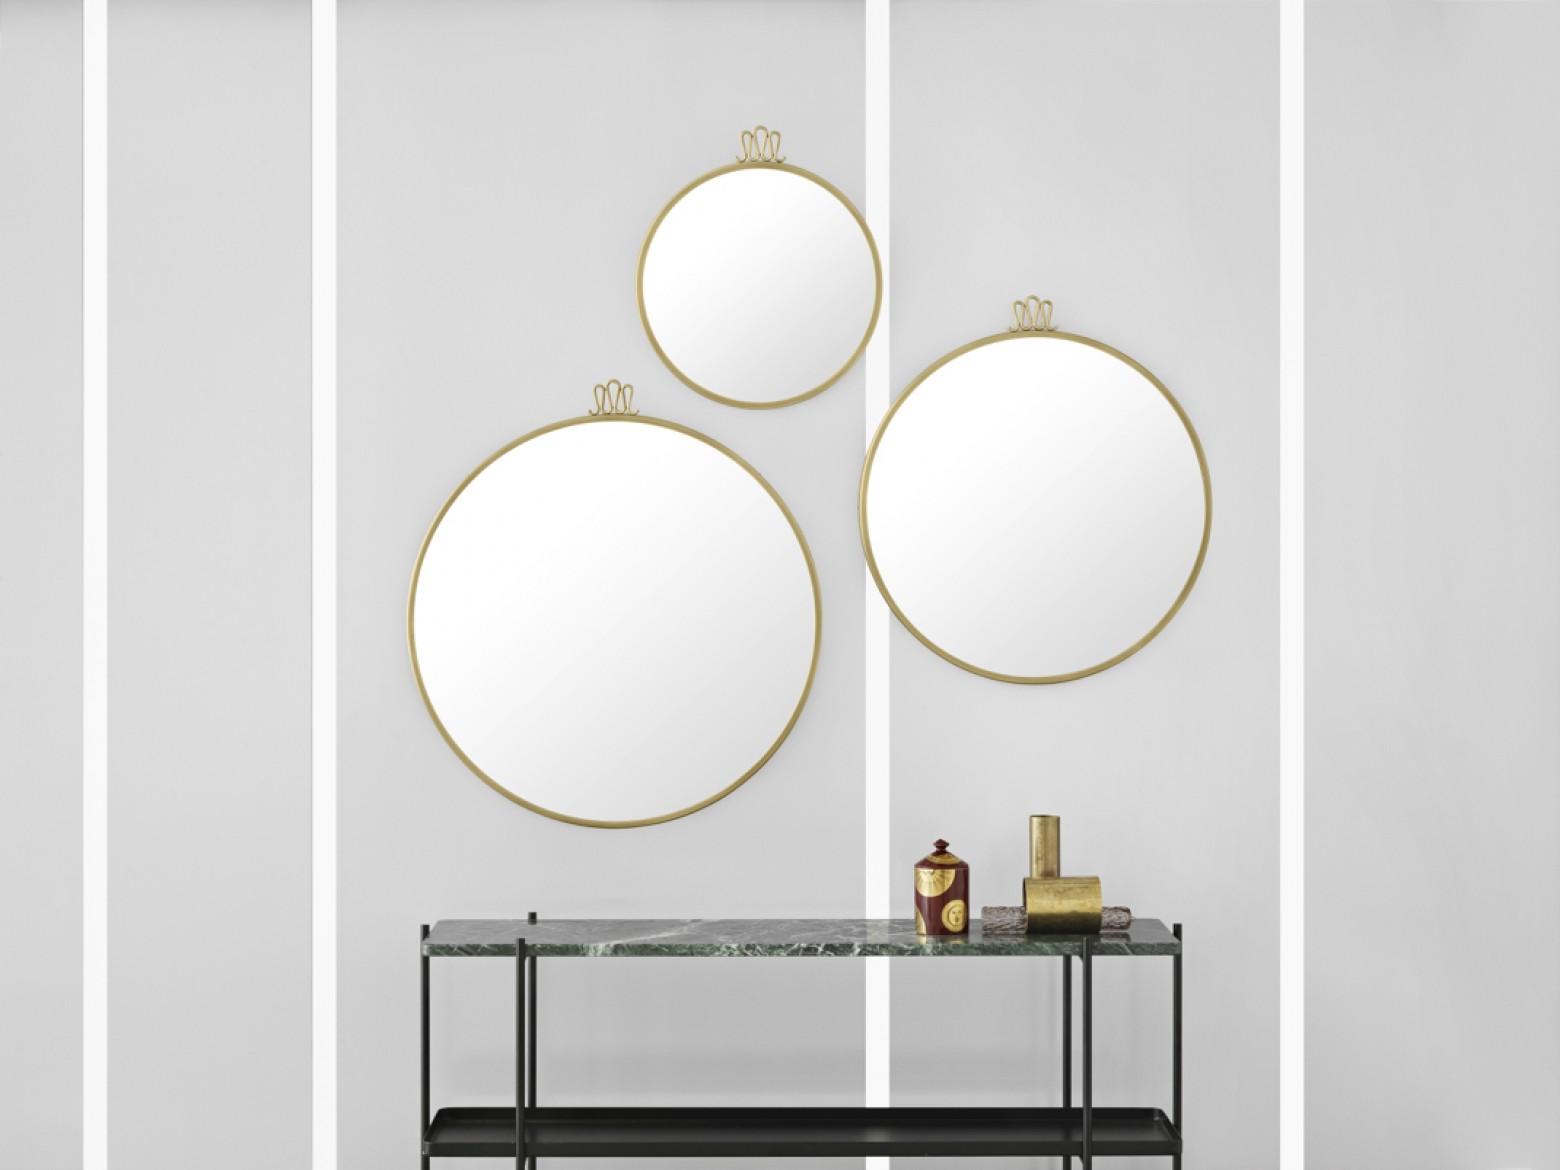 Speelse Randaccio spiegels van Gio Ponti  Victors Design Agency